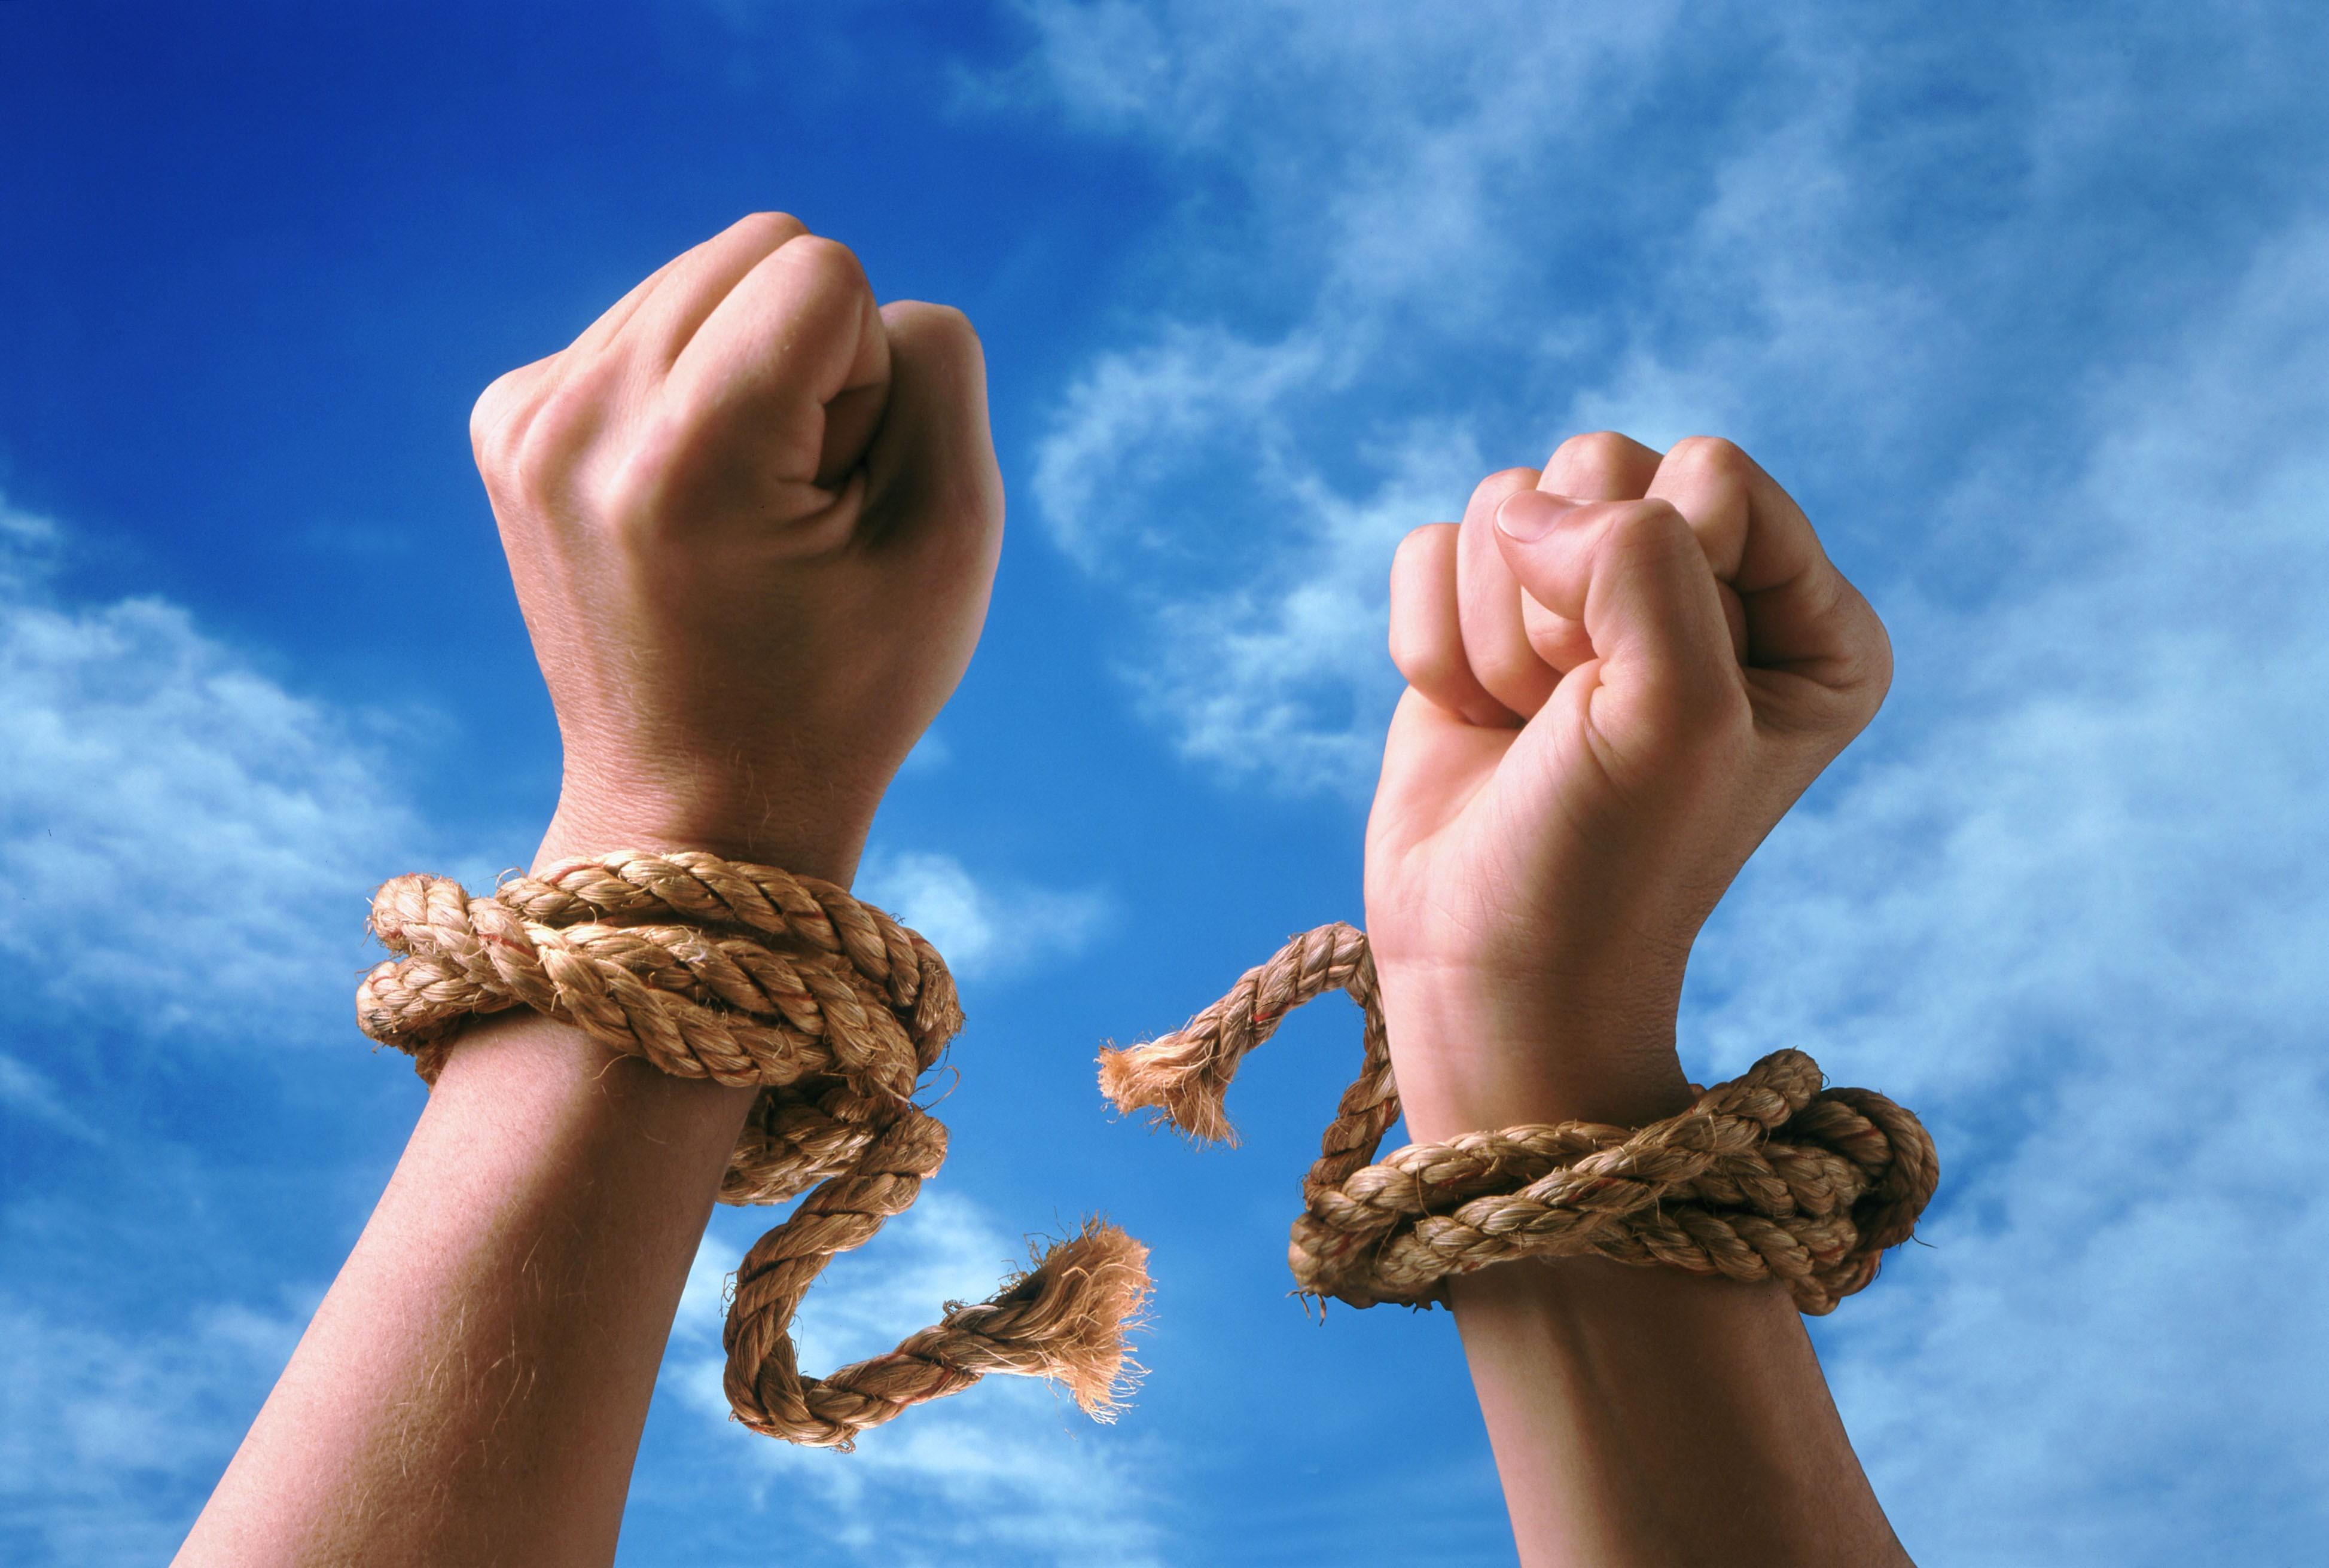 Туркестанская область возглавила антирейтинг по количеству случаев, связанных с торговлей людьми